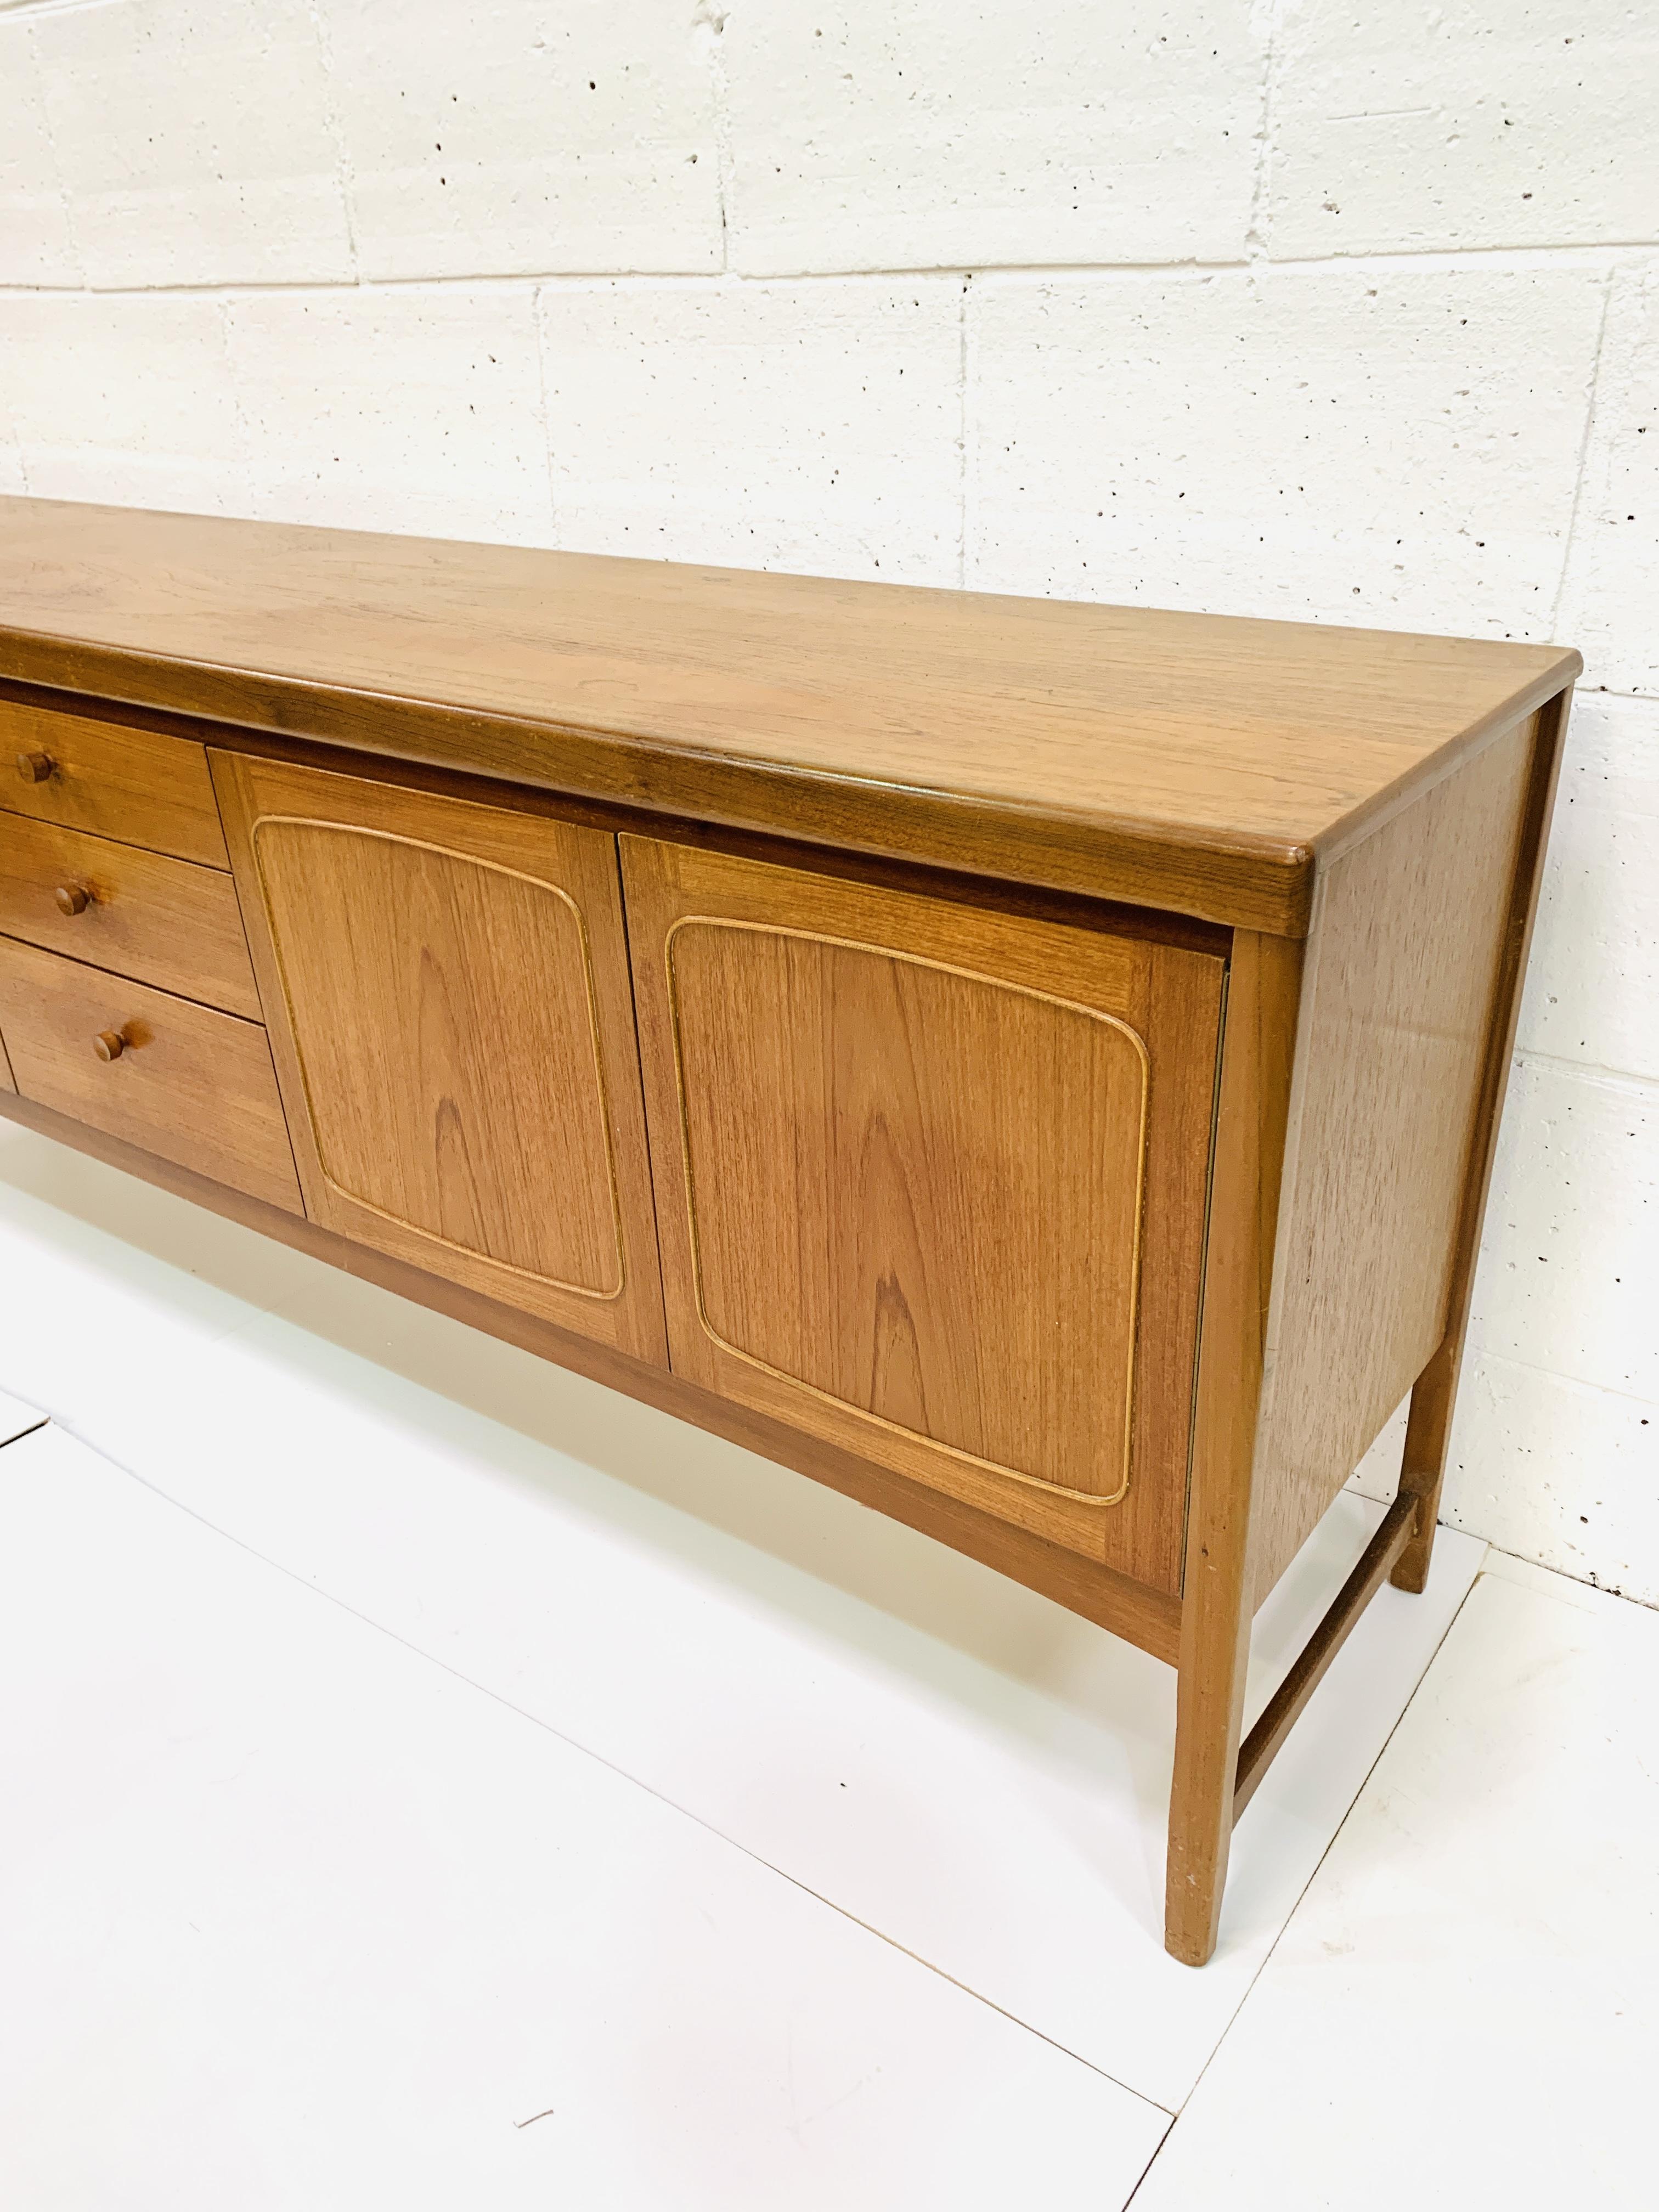 1970's teak sideboard - Image 2 of 4